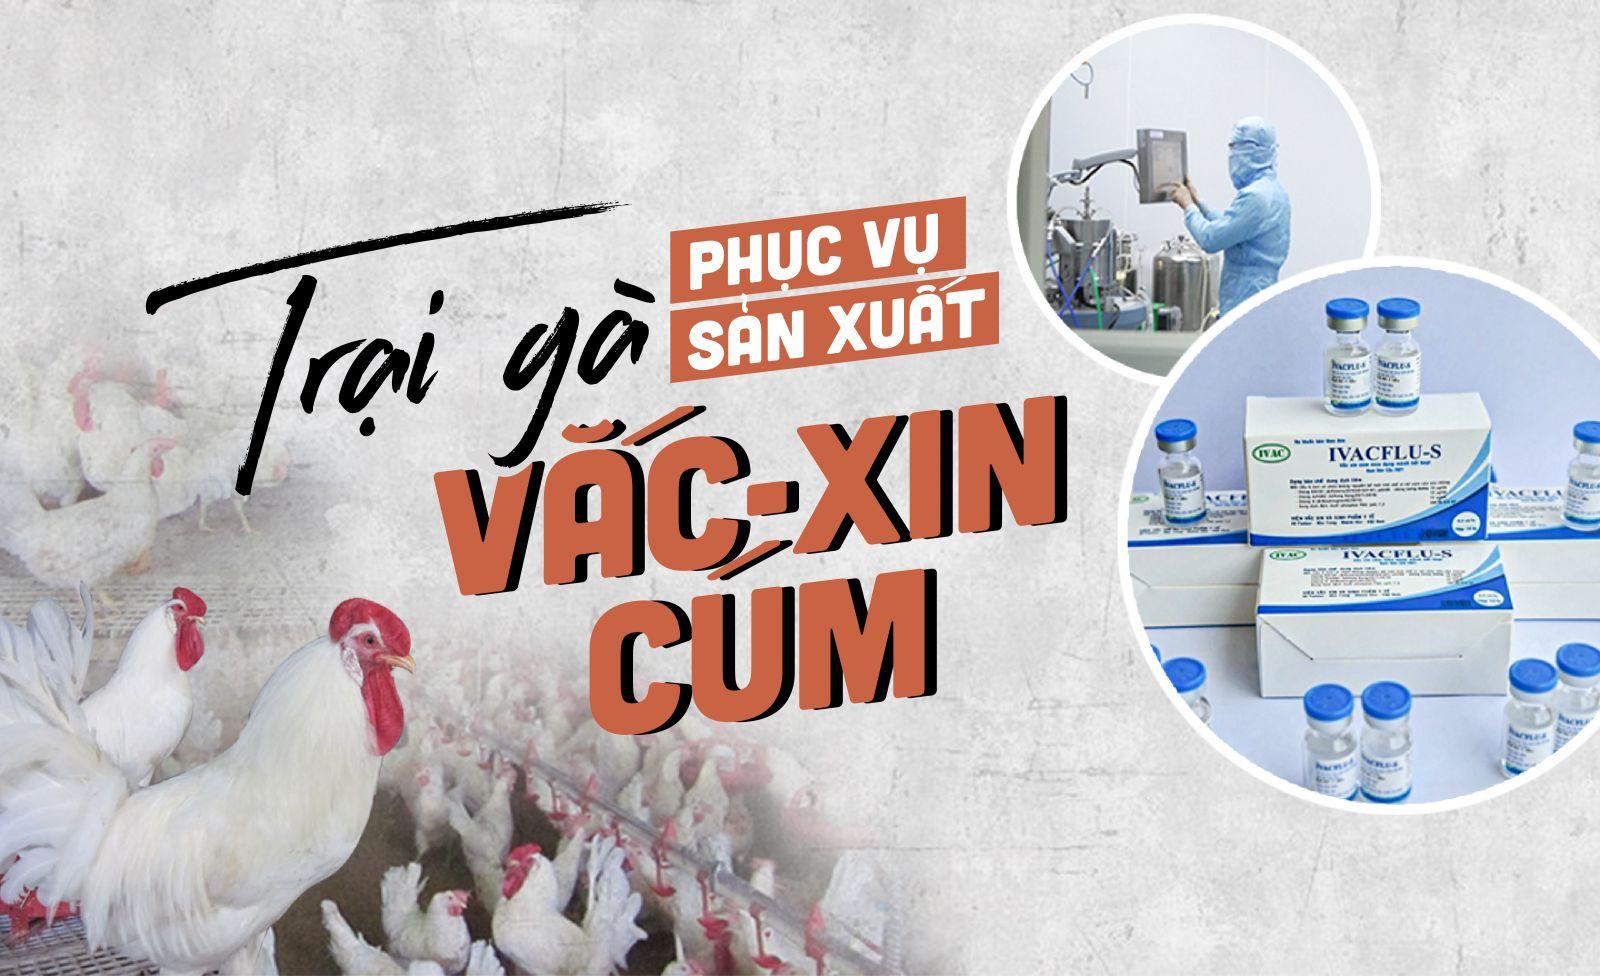 Trại gà phục vụ sản xuất vắc-xin cúm